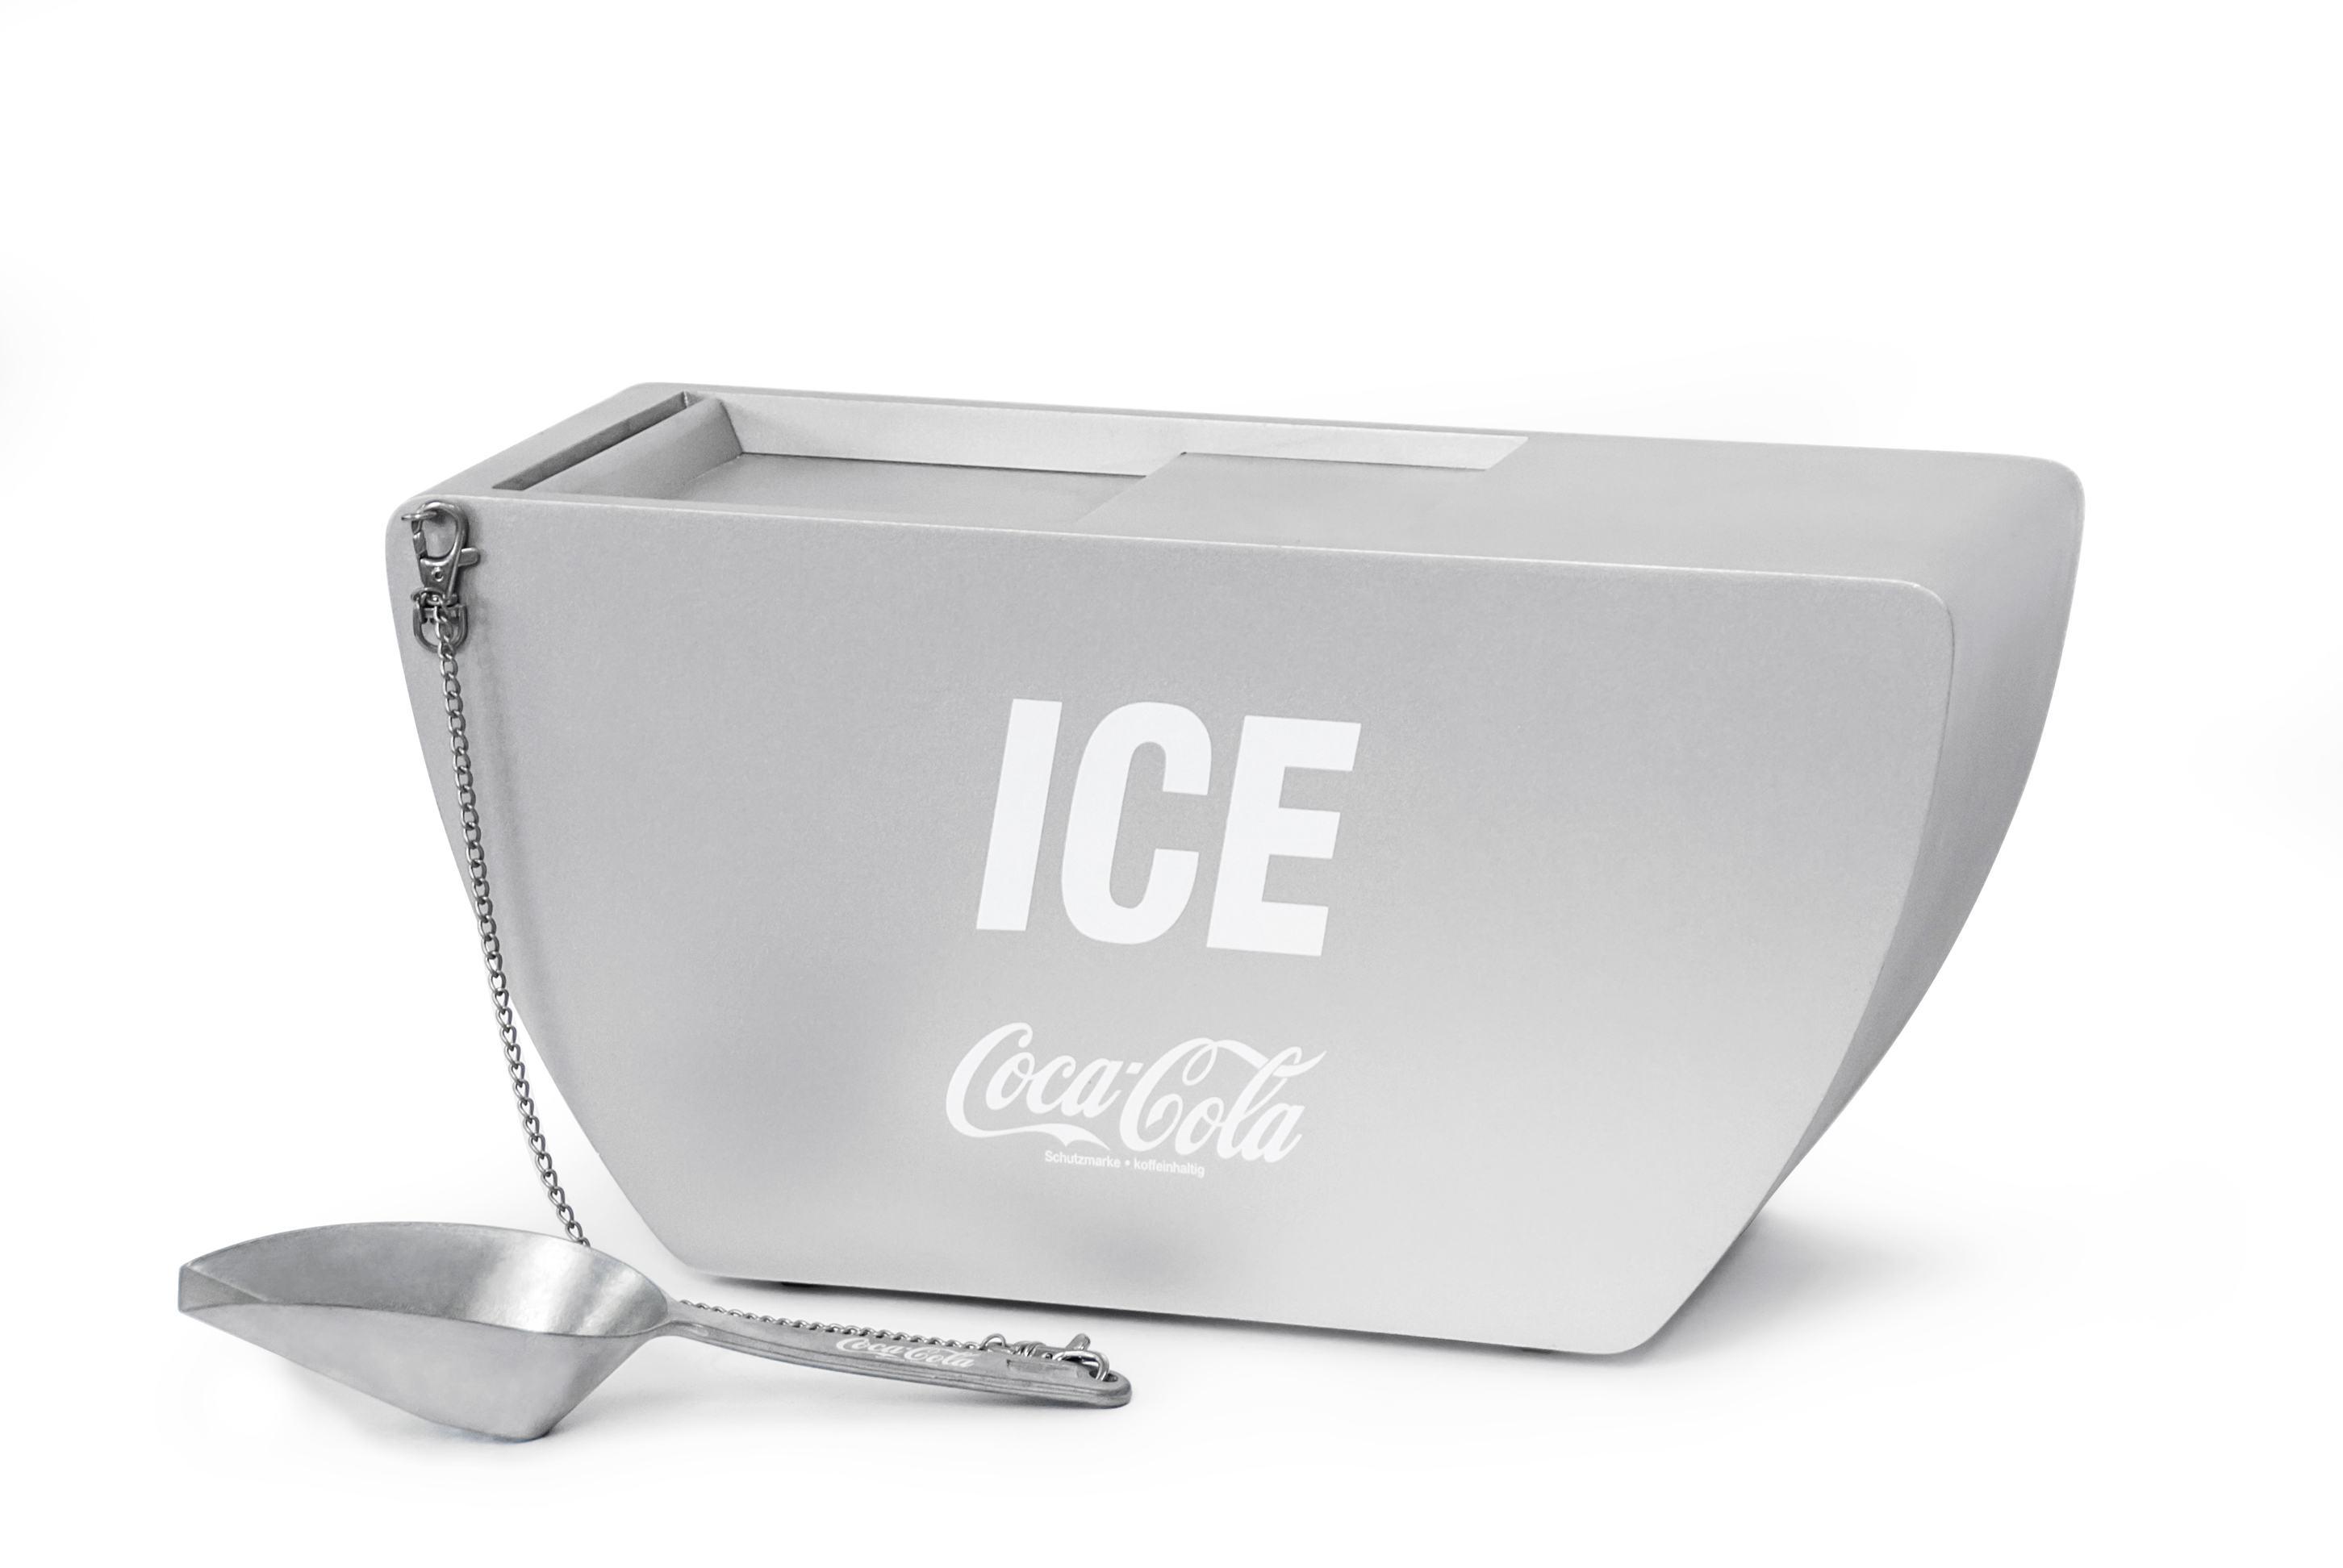 Coca Cola Silver-Edition Ice Bucket